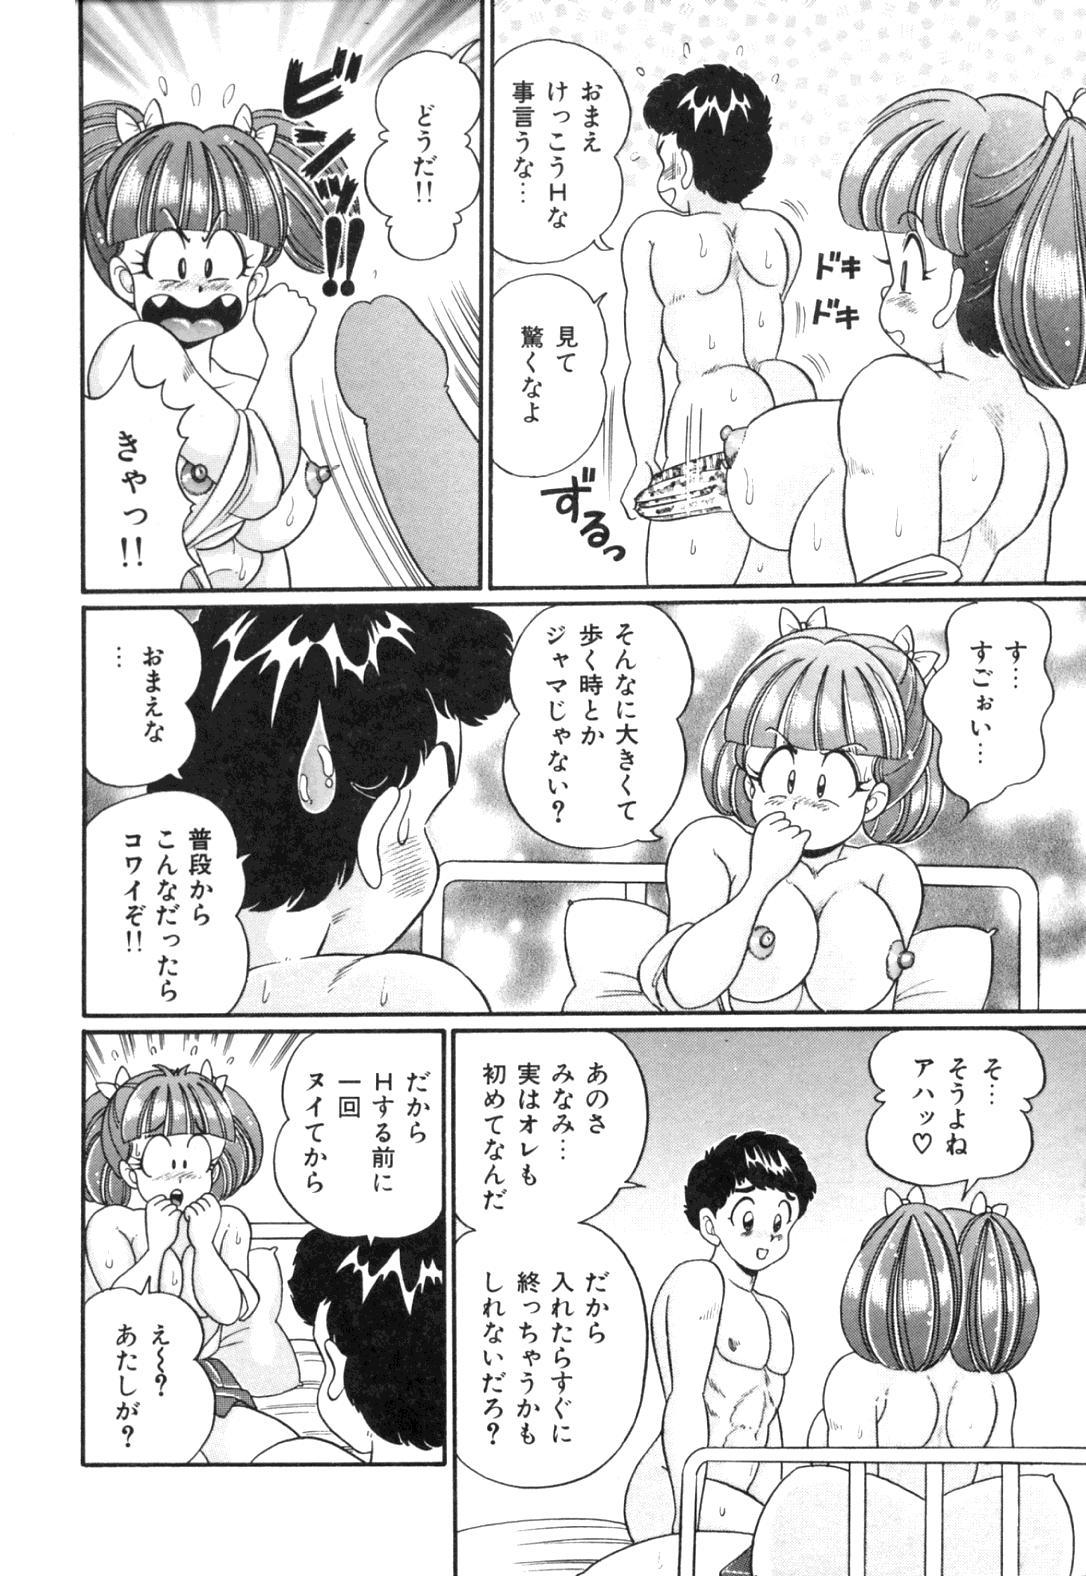 [Watanabe Wataru] Tonari no Onee-san - Sister of Neighborhood 87